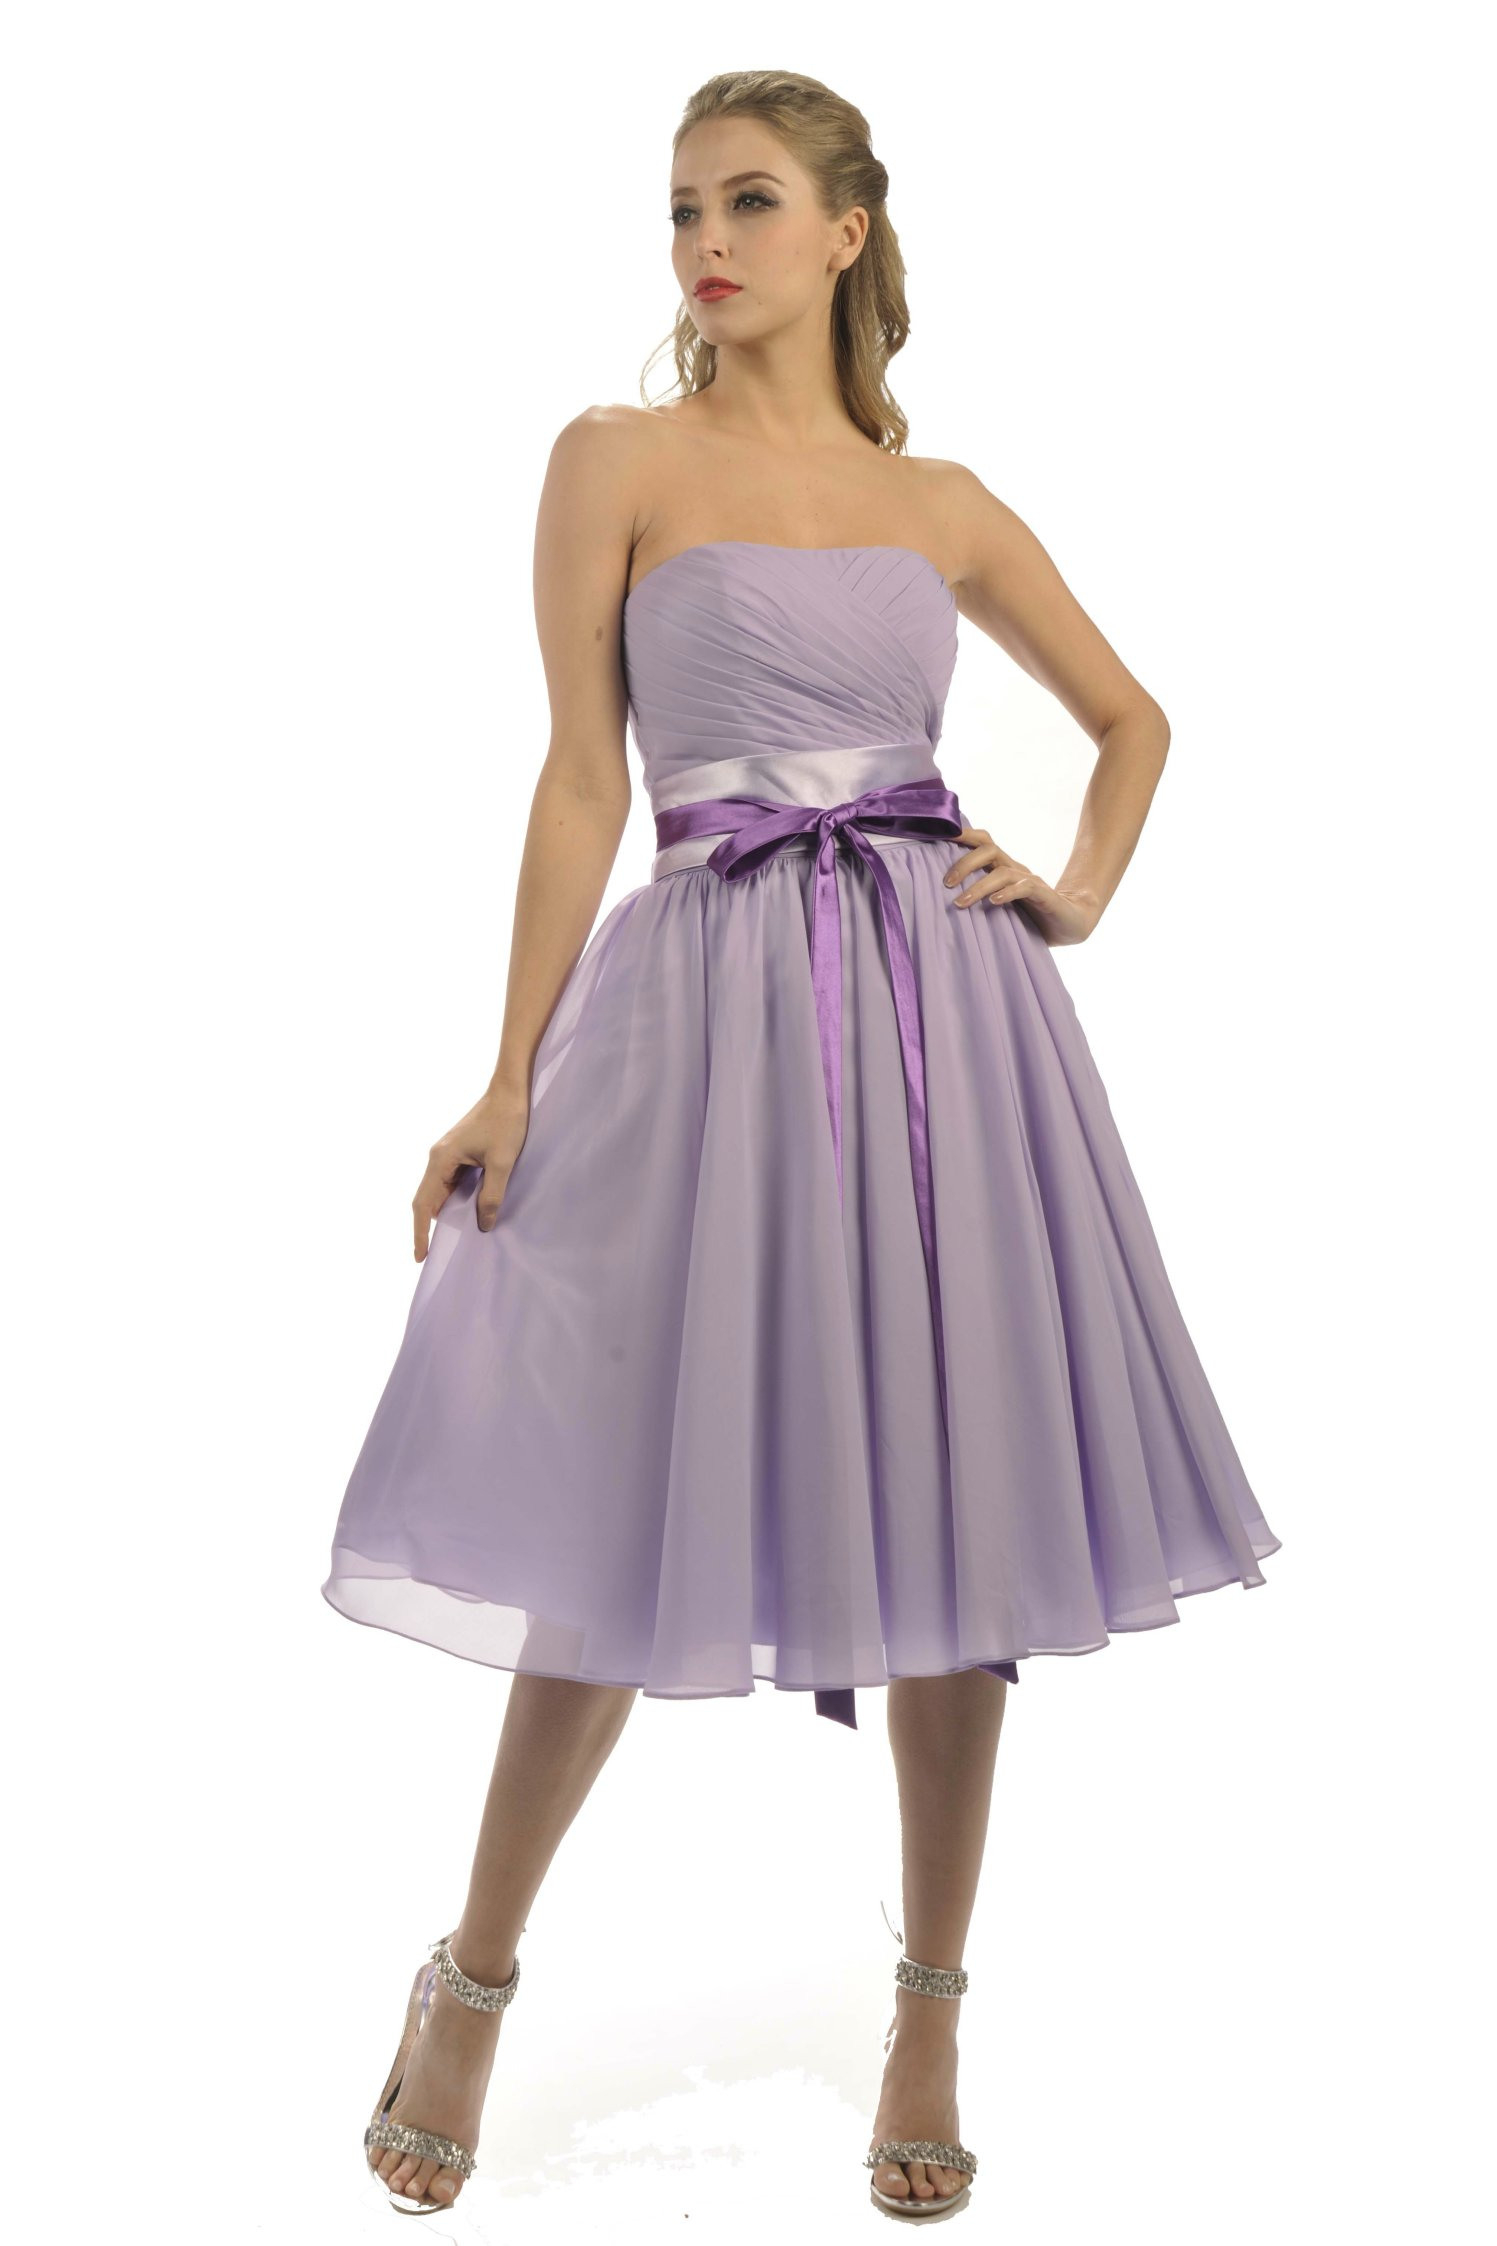 20 Wunderbar Lila Abend Kleider StylishDesigner Leicht Lila Abend Kleider Boutique